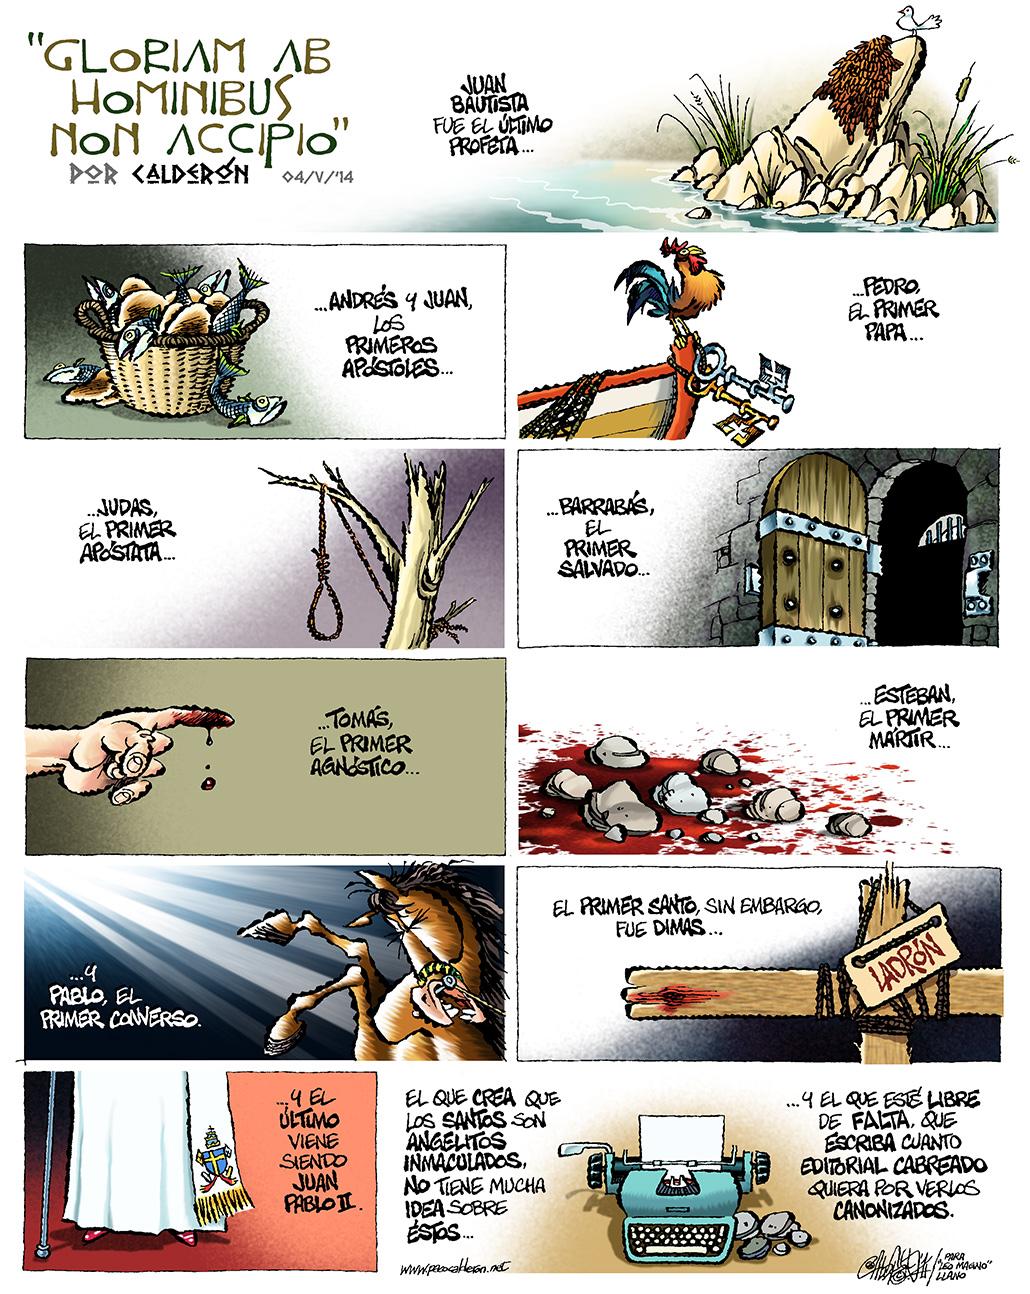 Gloriam ad hominibus non accipio - Calderón